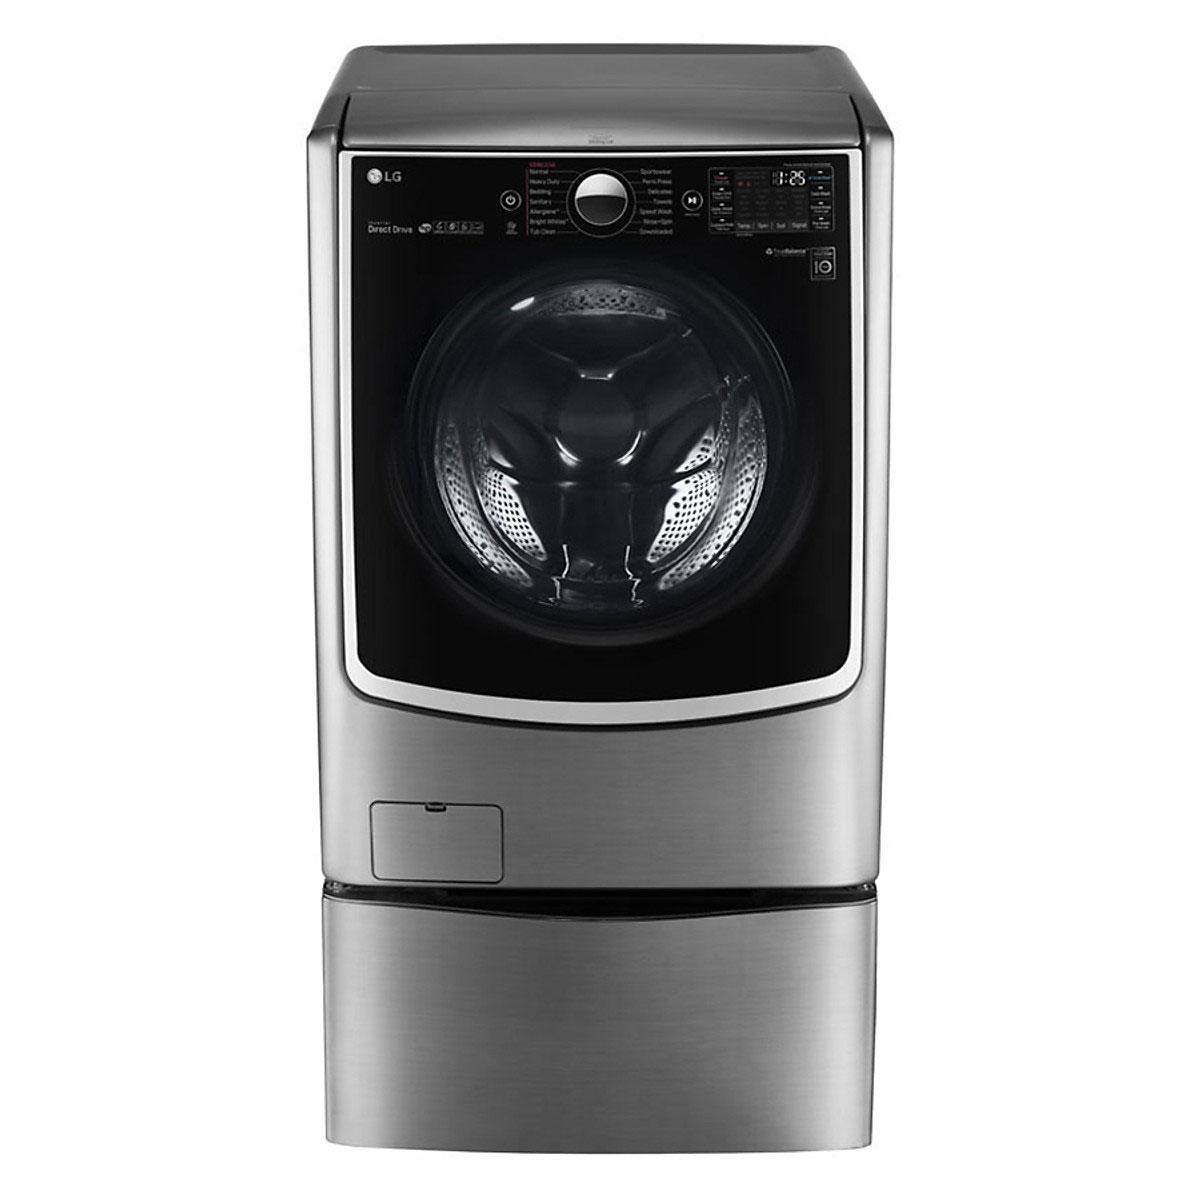 Máy giặt sấy lồng đôi TwinWash Inverter LG F2721HTTV & T2735NWLV (21kg)